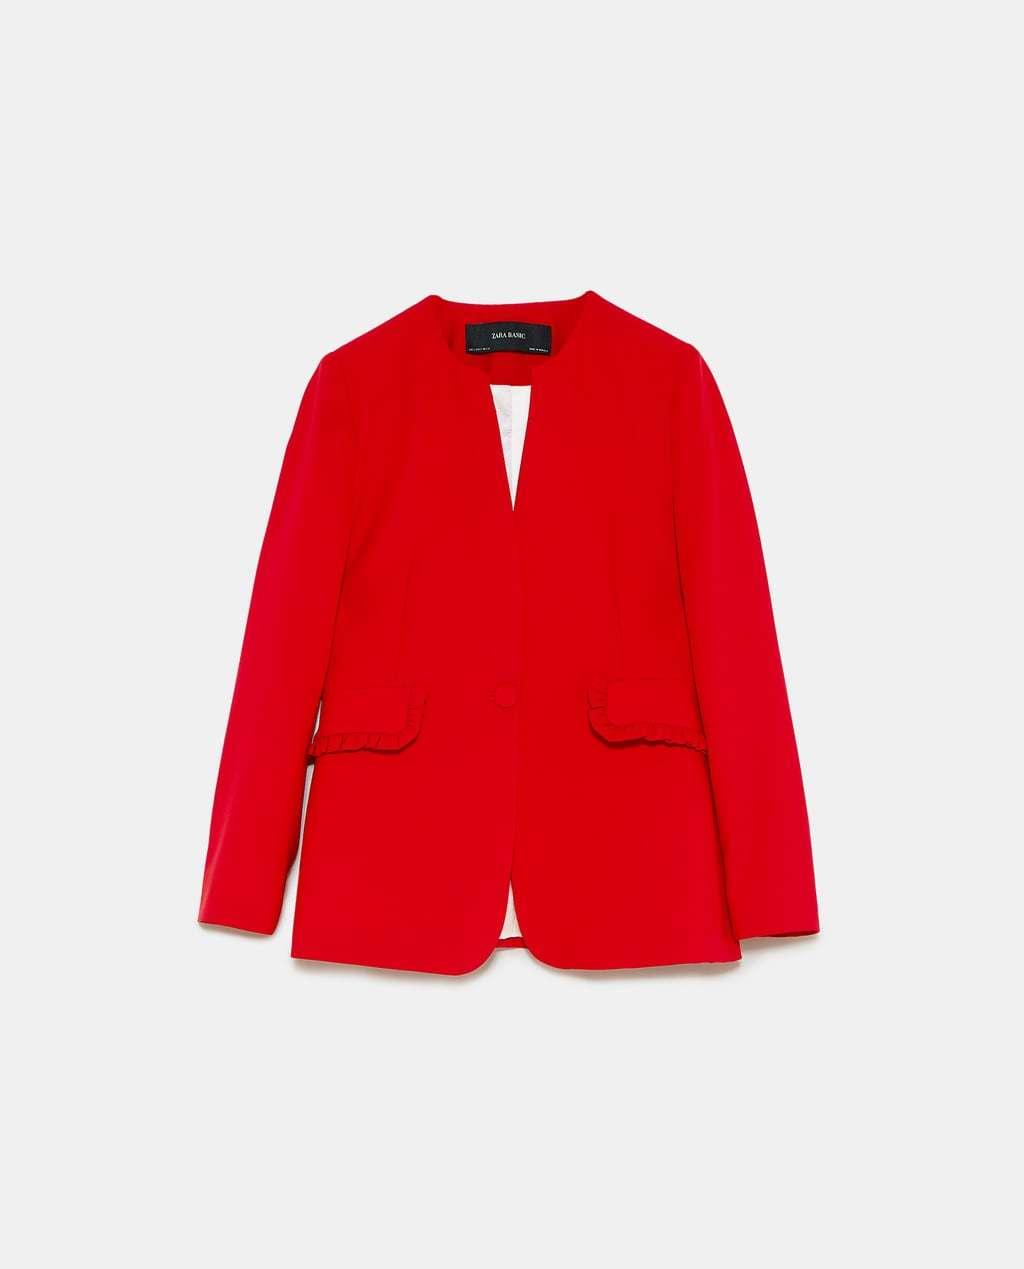 Chaqueta de traje sastre, de Zara (49'95 euros).